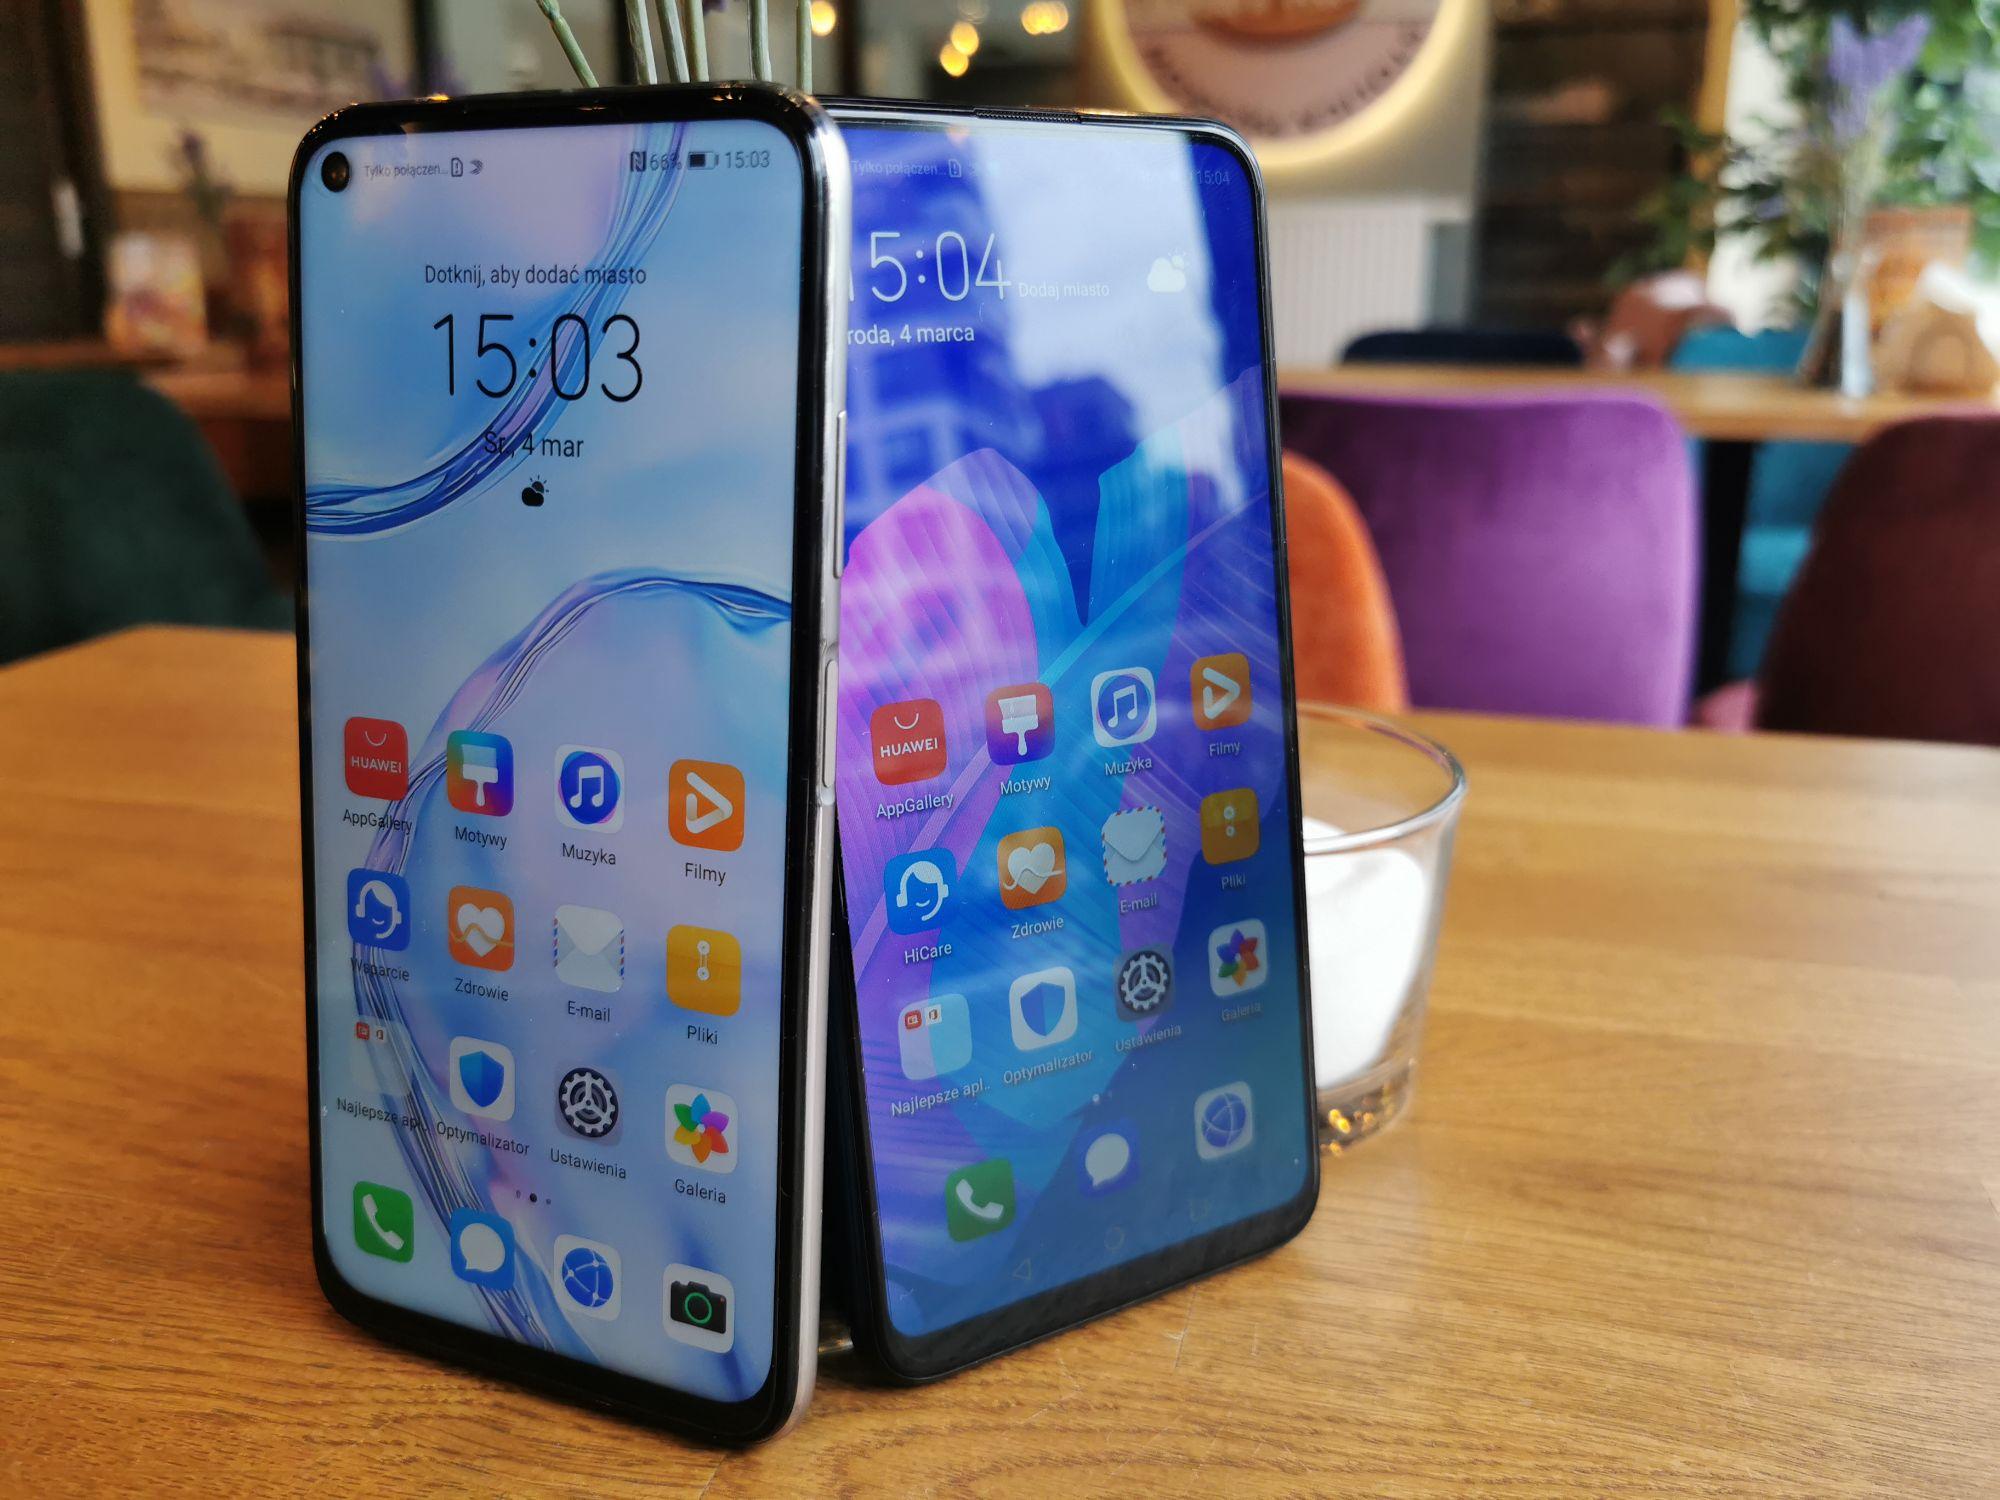 [AKTUALIZACJA] Google zerbitzuak Huawei telefonoetan sartu litezke 3 minutu, baina modu honek ez du gehiago funtzionatzen